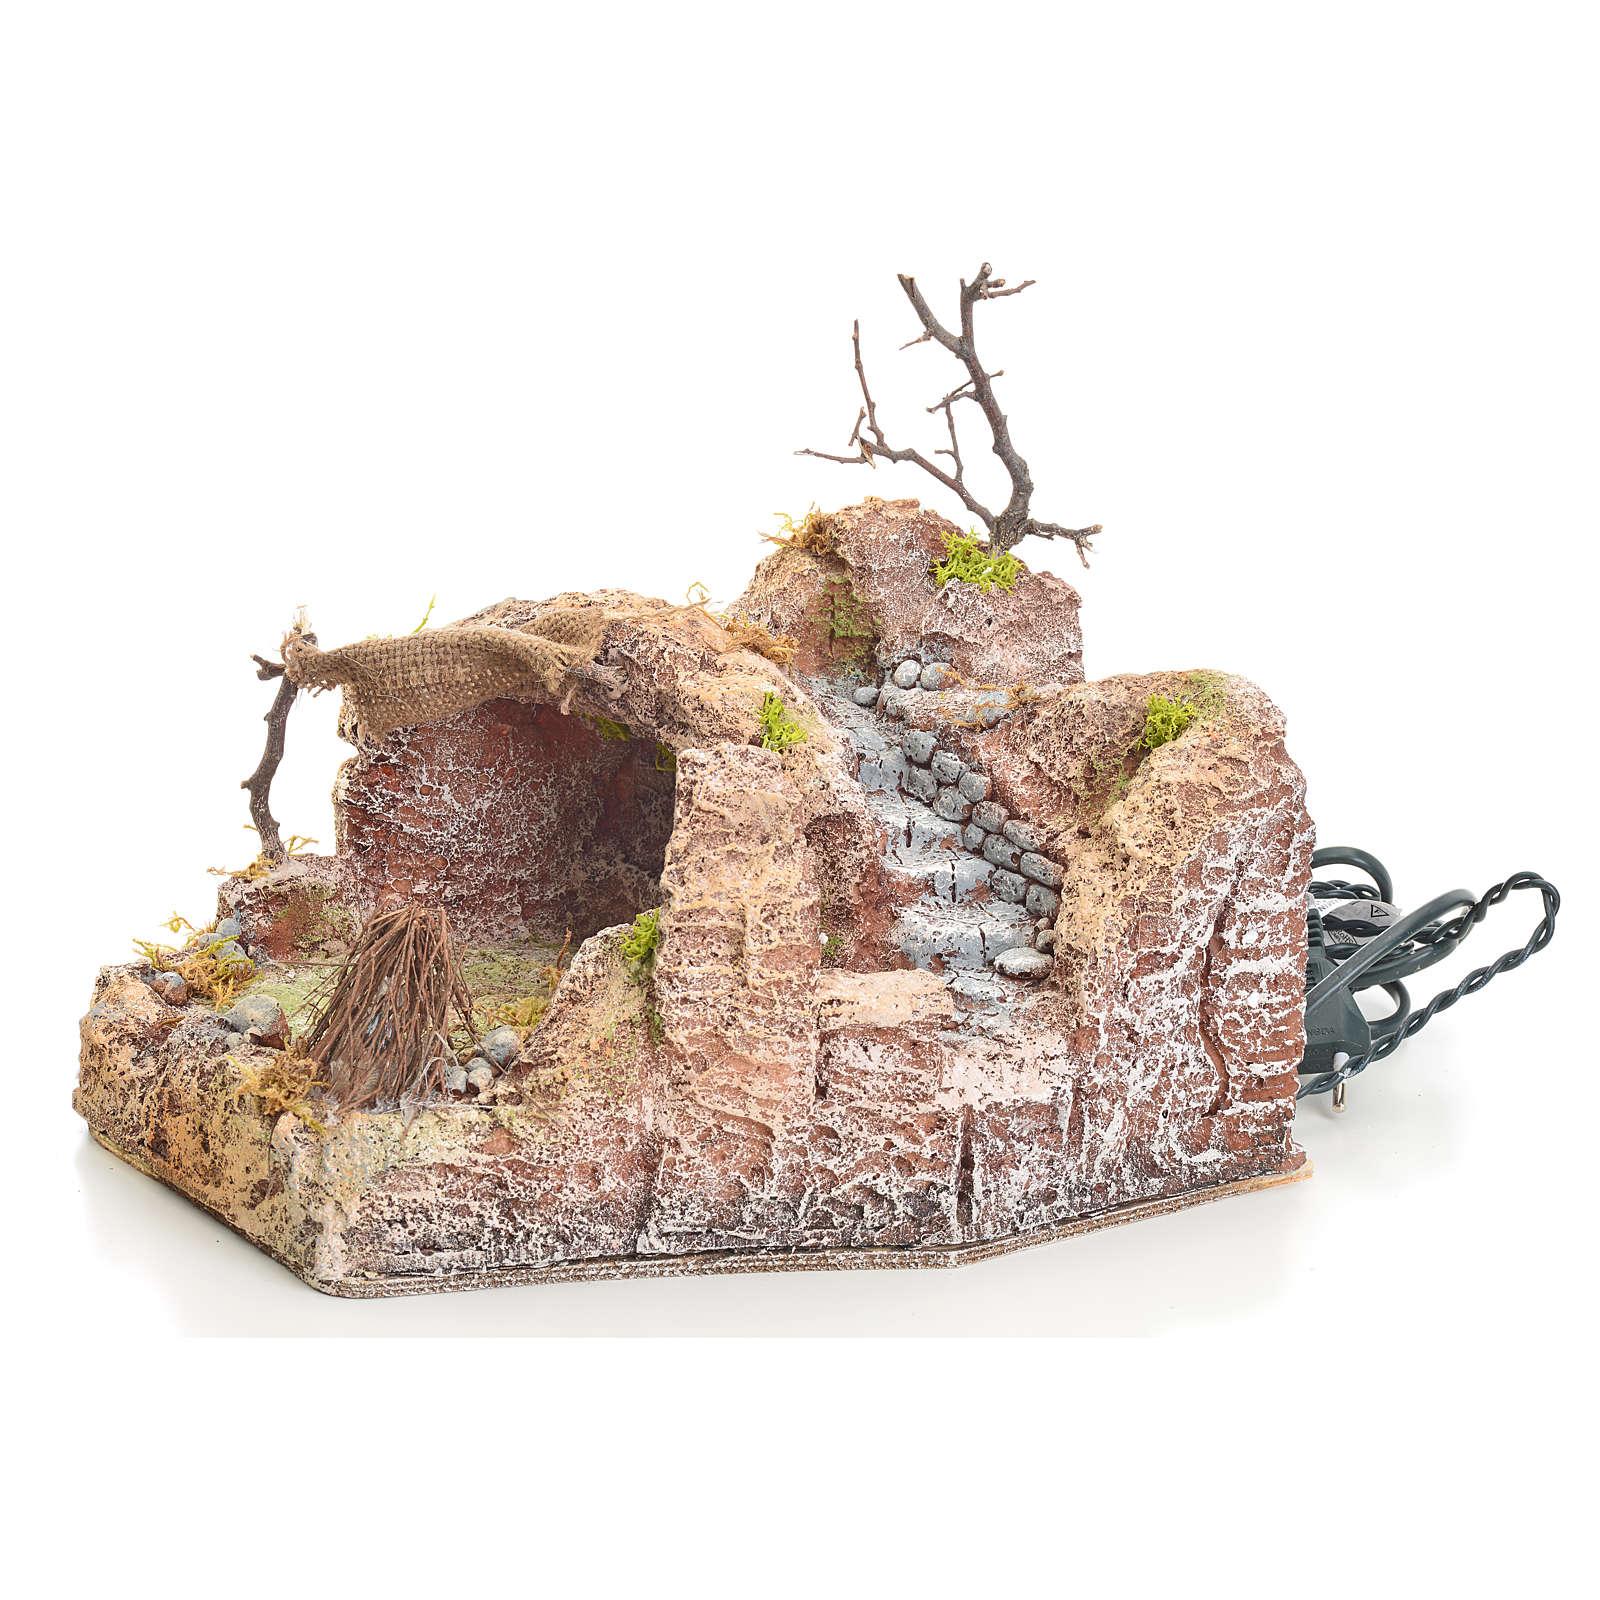 Grotta in resina illuminata 20x24x30 cm 4